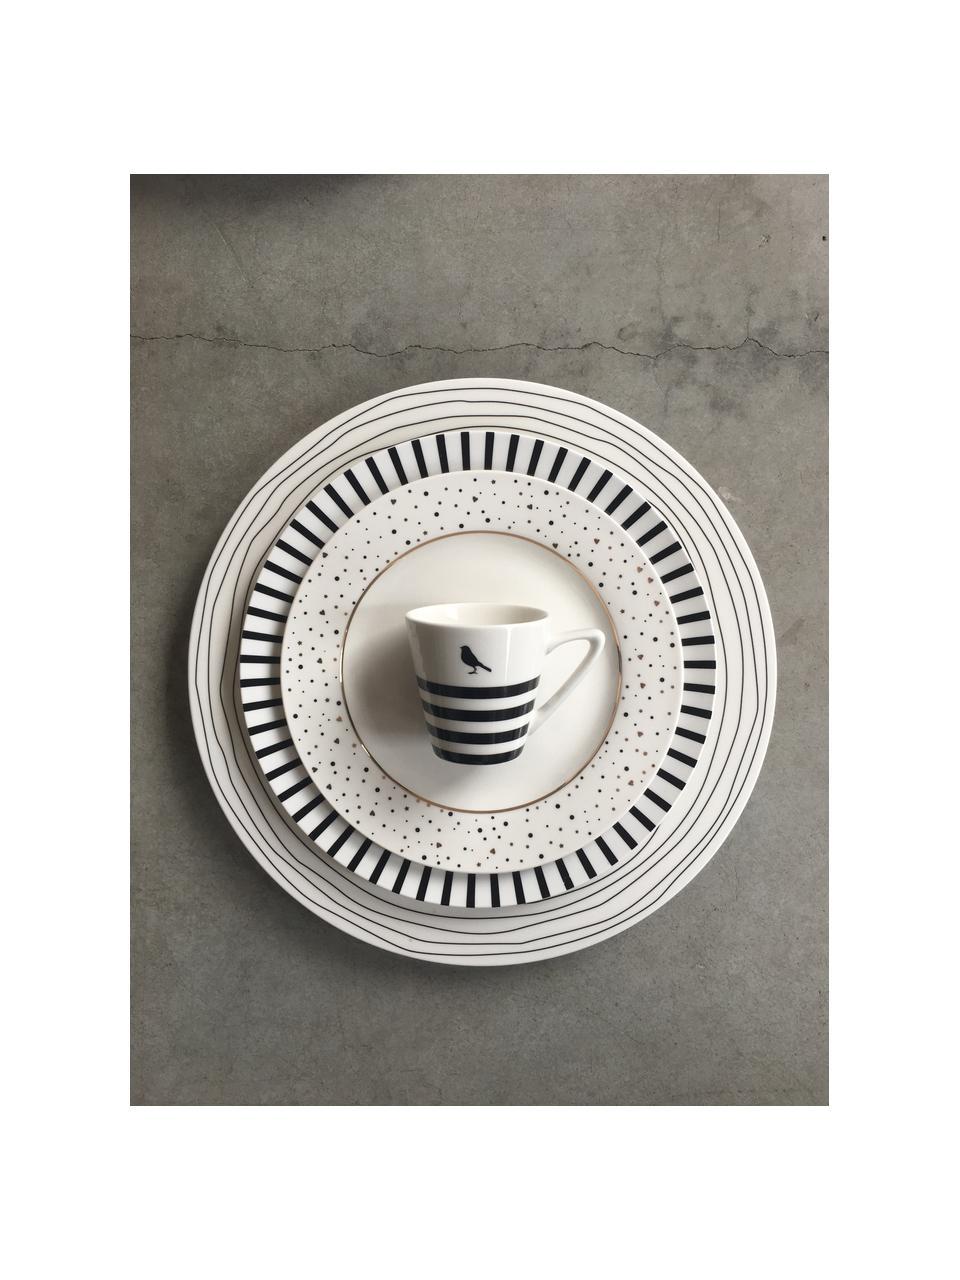 Talerz śniadaniowy Ceres Loft, 4 szt., Porcelana, Biały, czarny, Ø 21 x W 2 cm